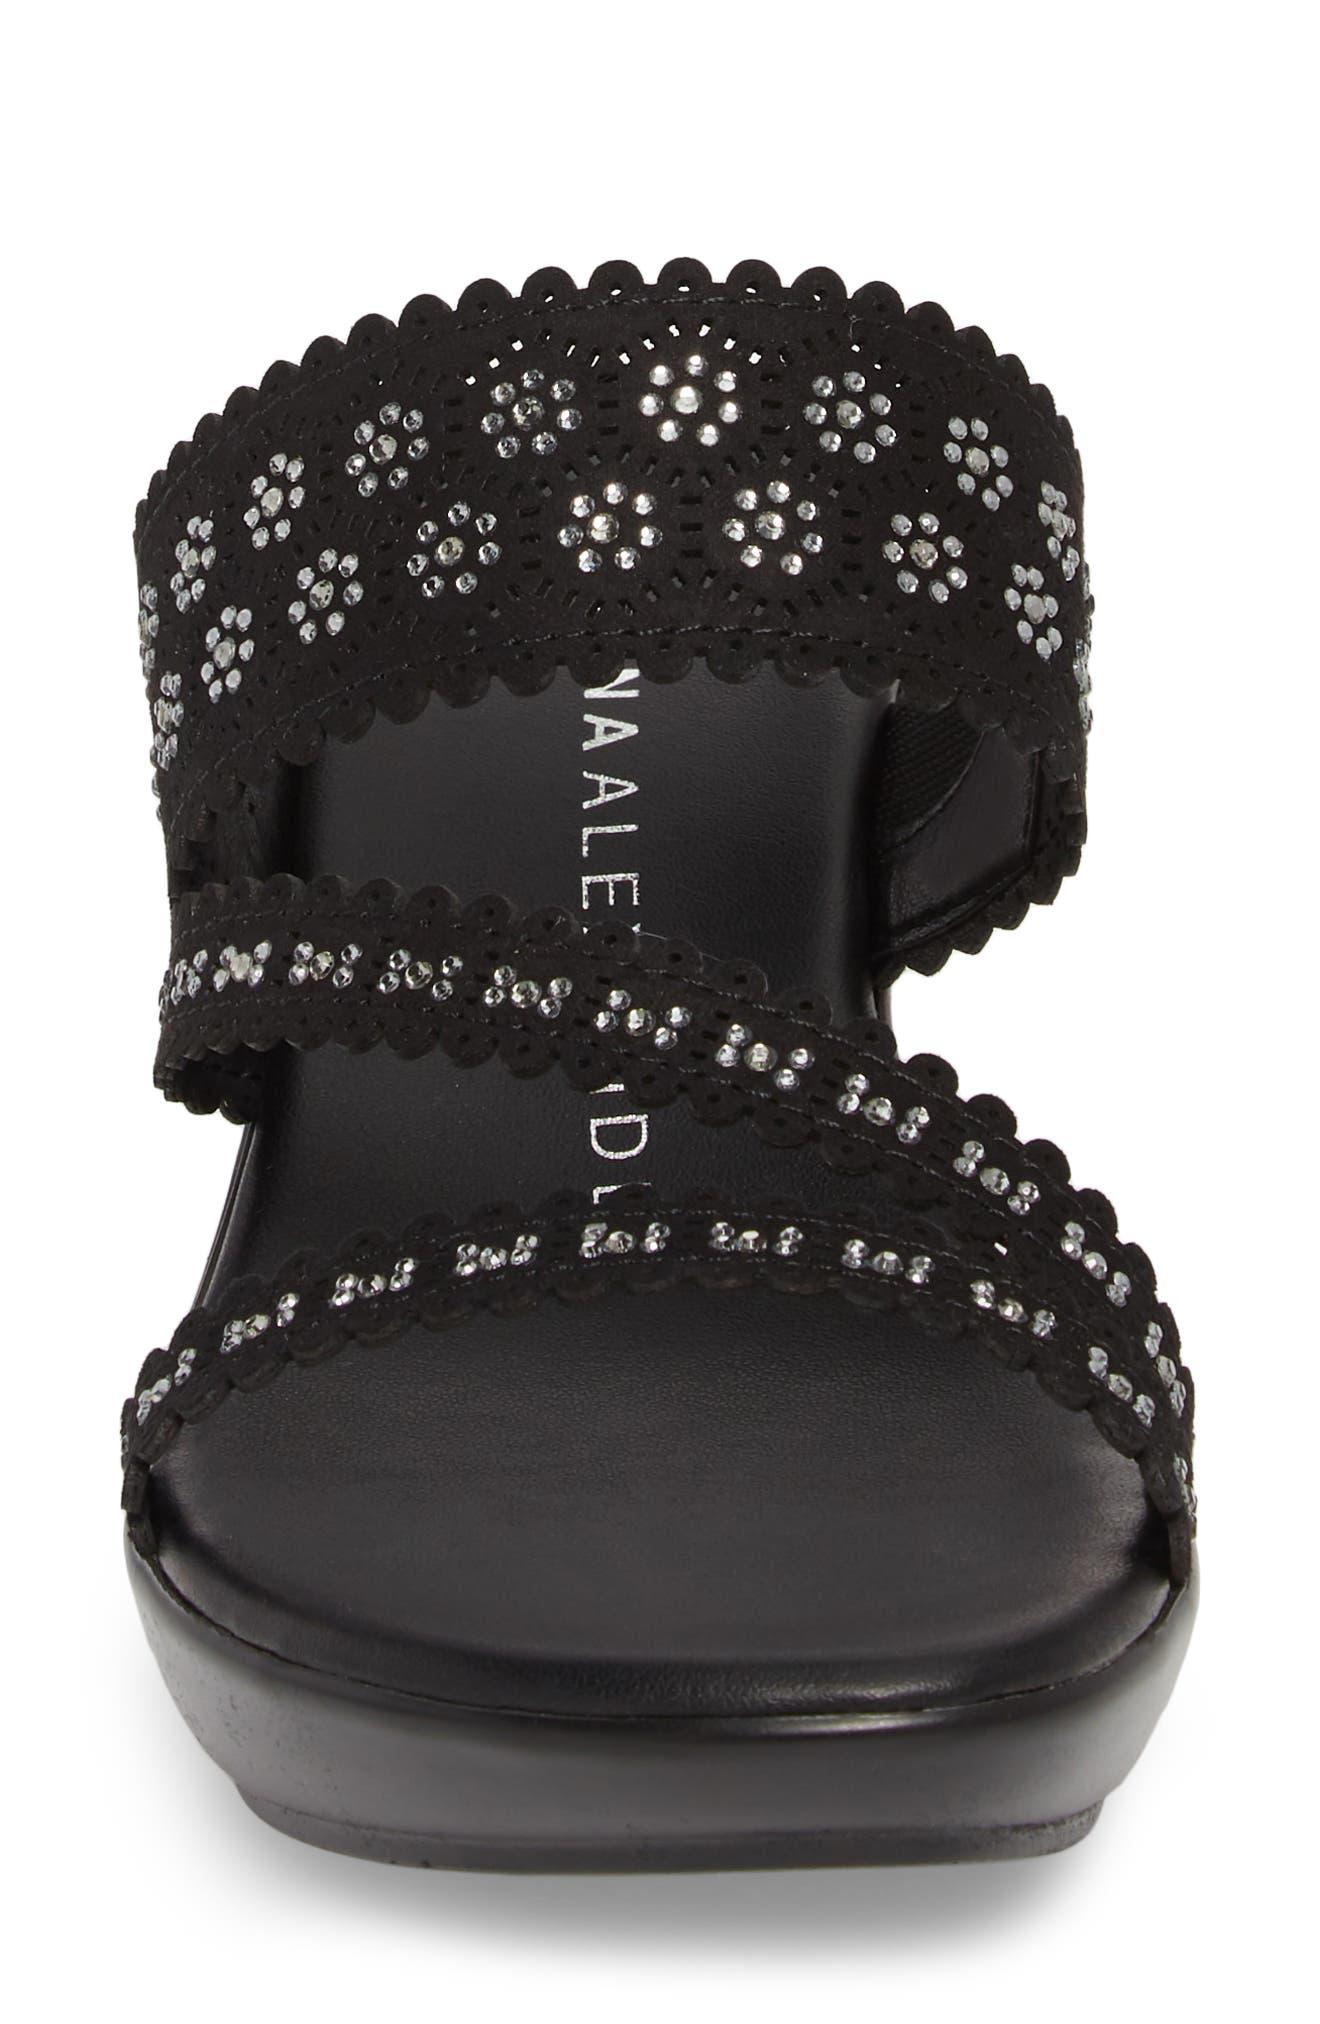 Poppy Wedge Sandal,                             Alternate thumbnail 4, color,                             Black Fabric